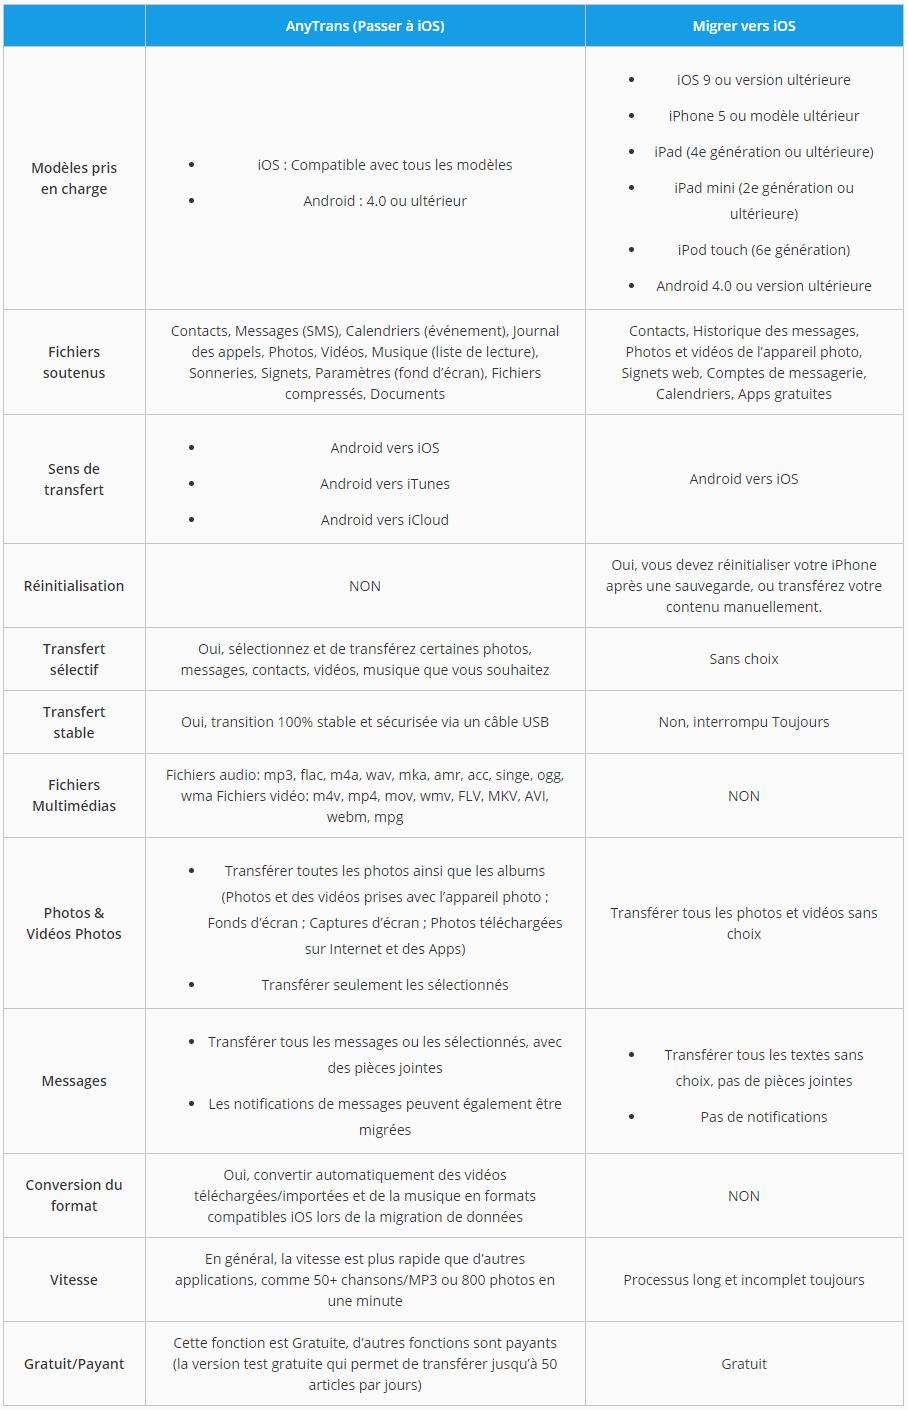 Comparer AnyTrans avec Migrer vers iOS